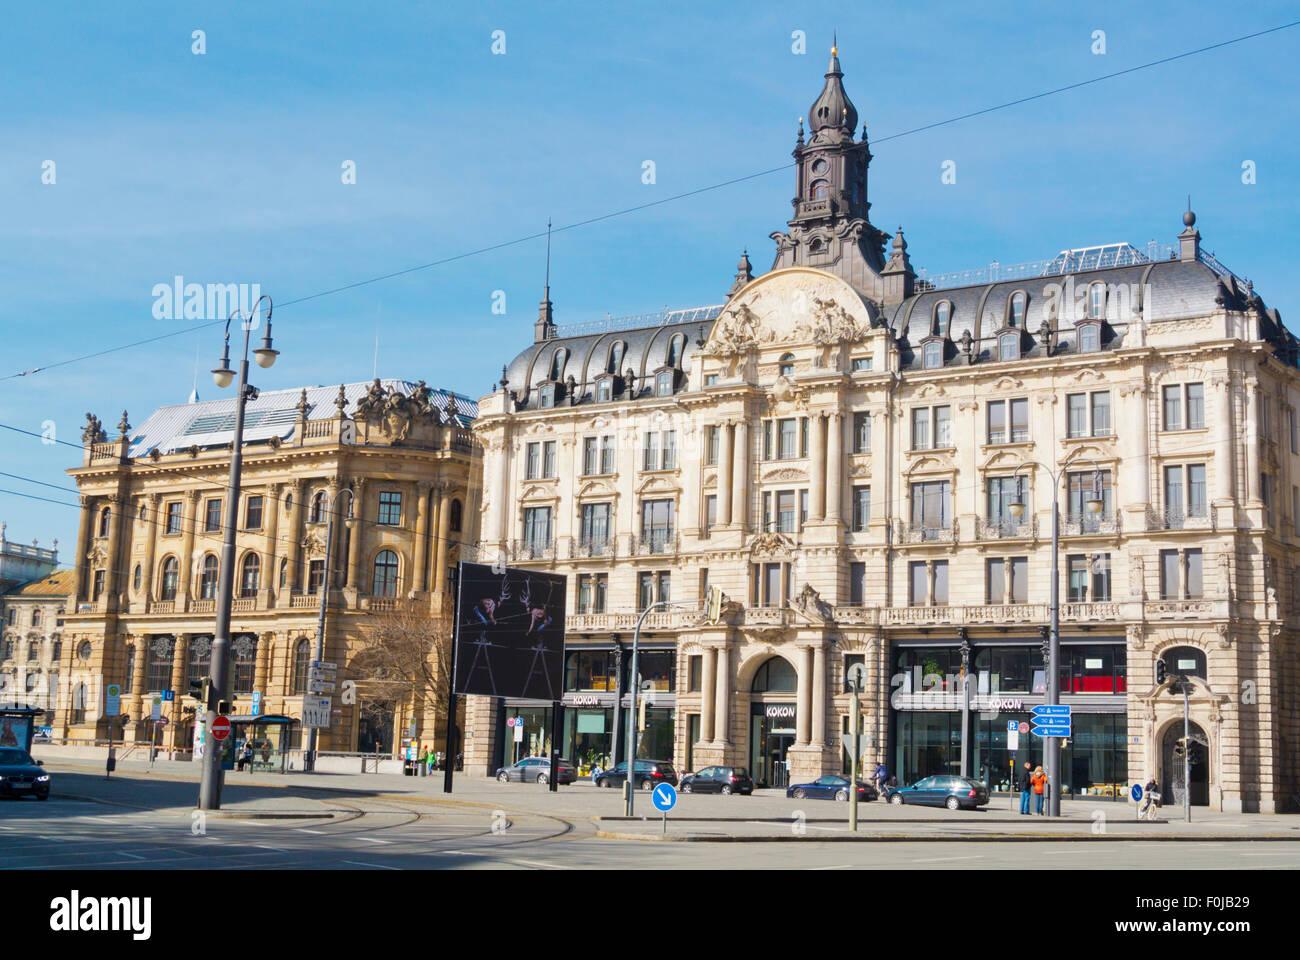 Lenbachplatz, next to Karlsplatz, Munich, Bavaria, Germany - Stock Image